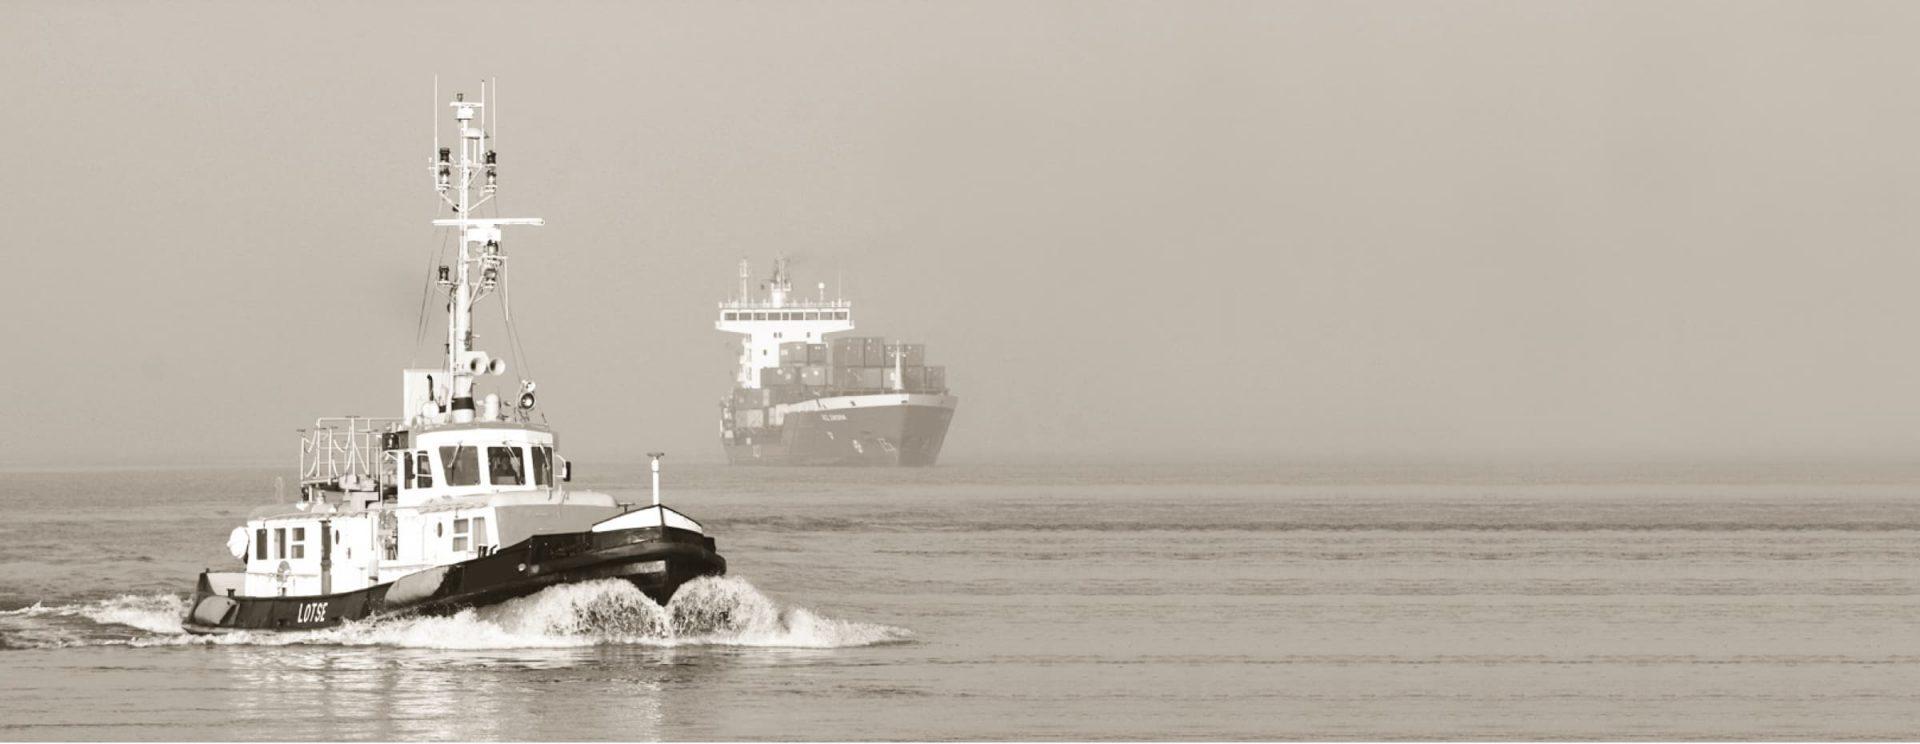 Cargo-Schiffe auf dem Meer